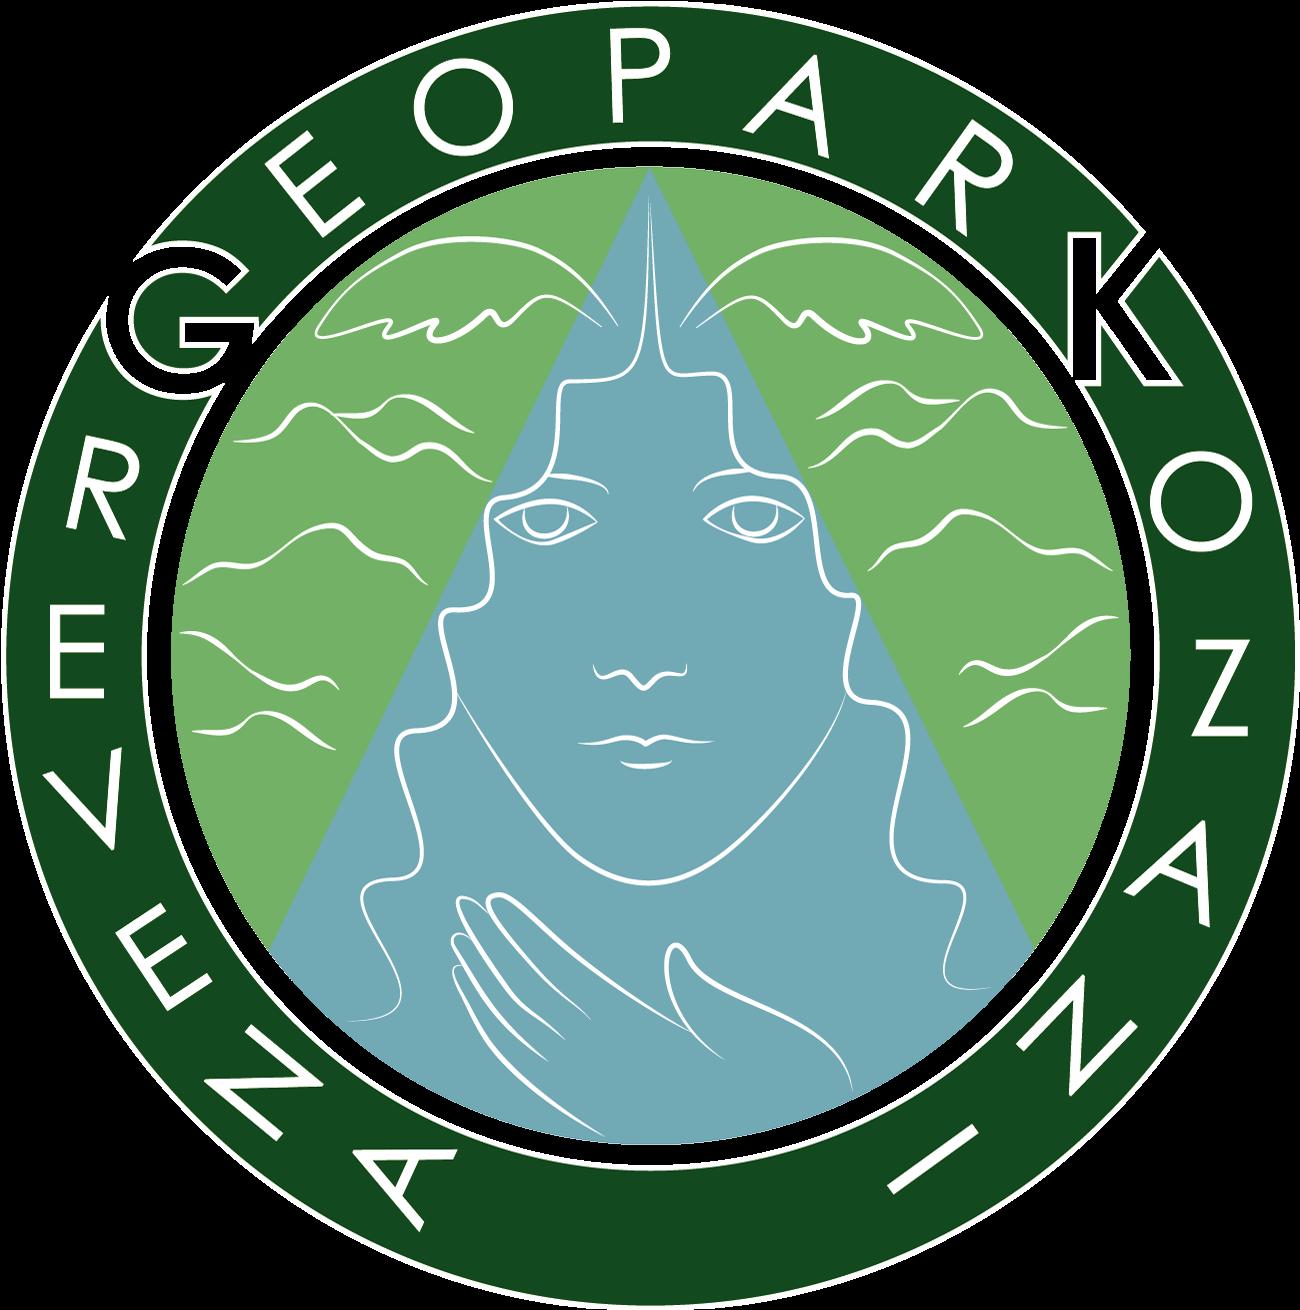 Geopark Grevena - Kozani